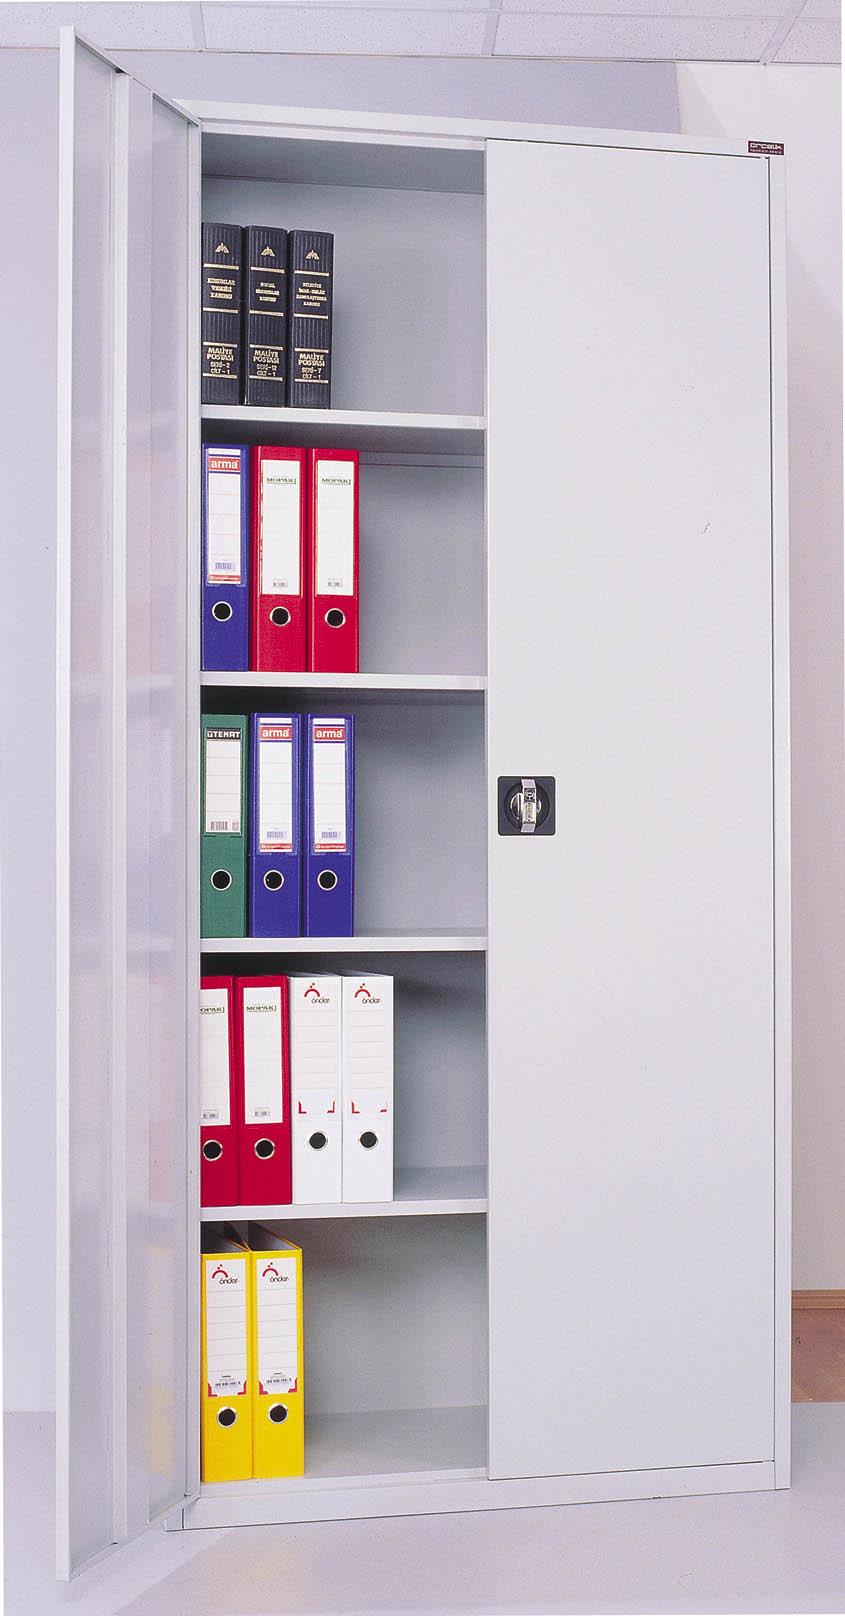 Muebles de oficina archivadores dem s muebles de metal - Muebles archivadores de oficina ...